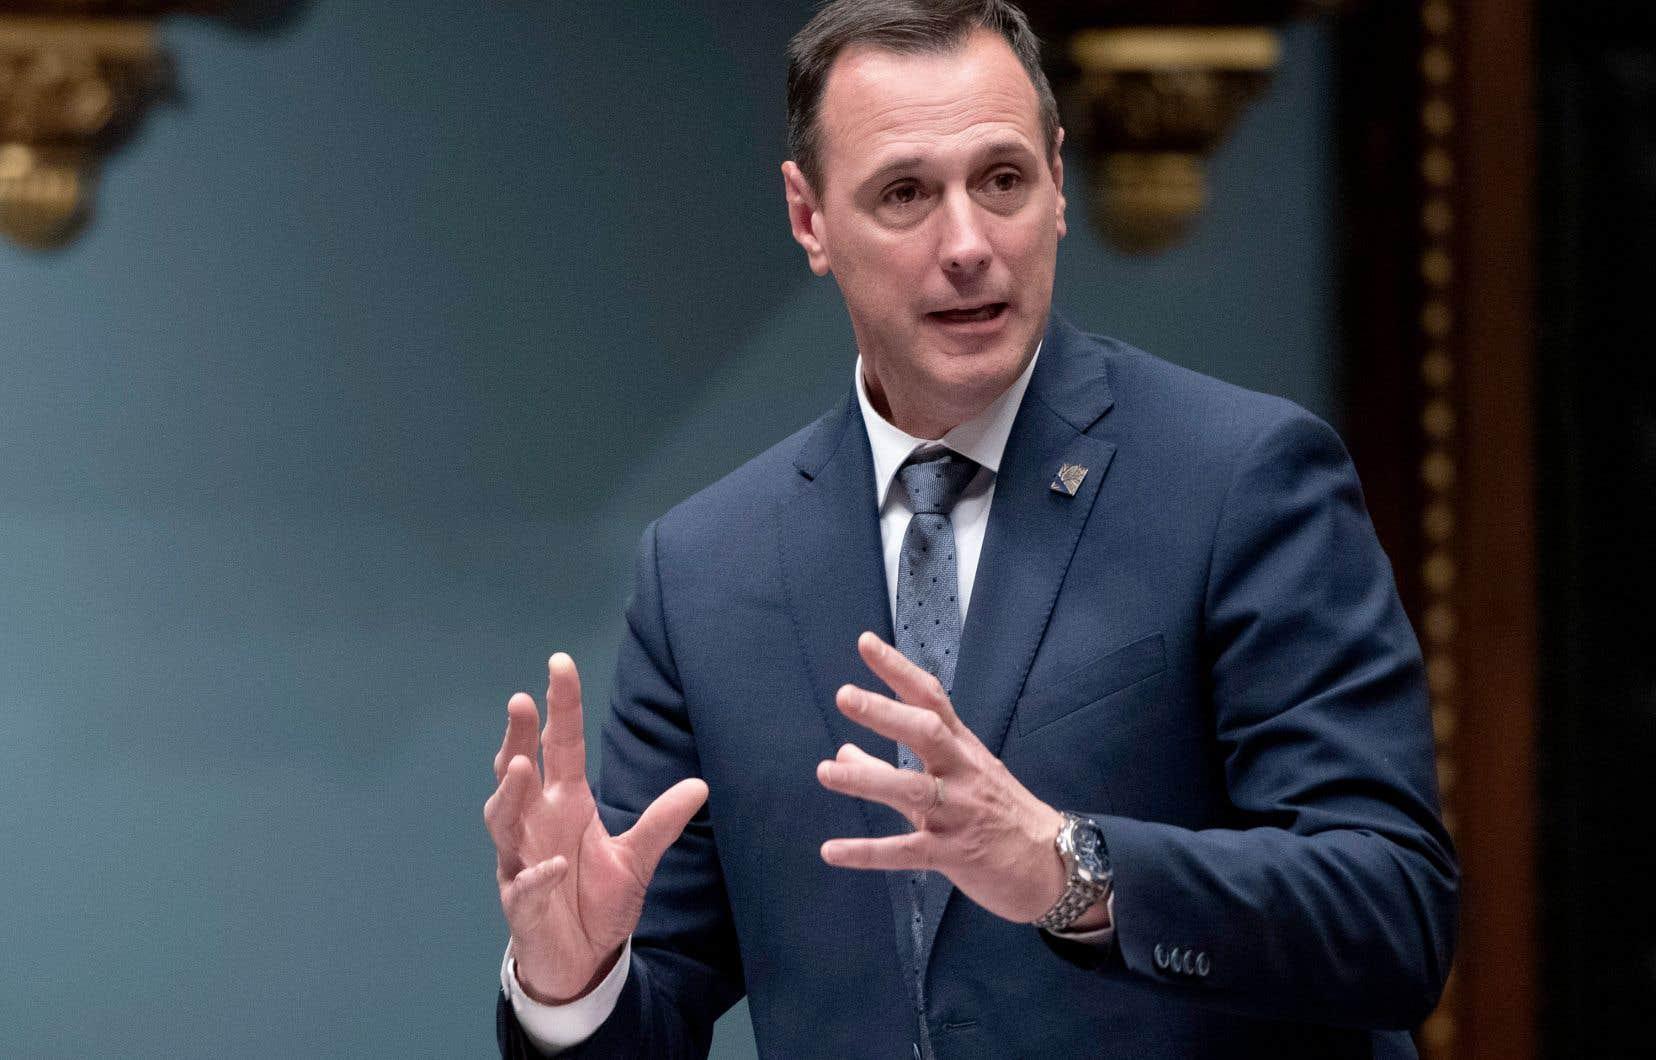 En août 2020, comparé à celui du gouvernement Ford en Ontario, le plan de retour en classe du ministre de l'Éducation québécois, Jean-FrançoisRoberge, avait des allures de devoir incomplet, estime l'auteur.